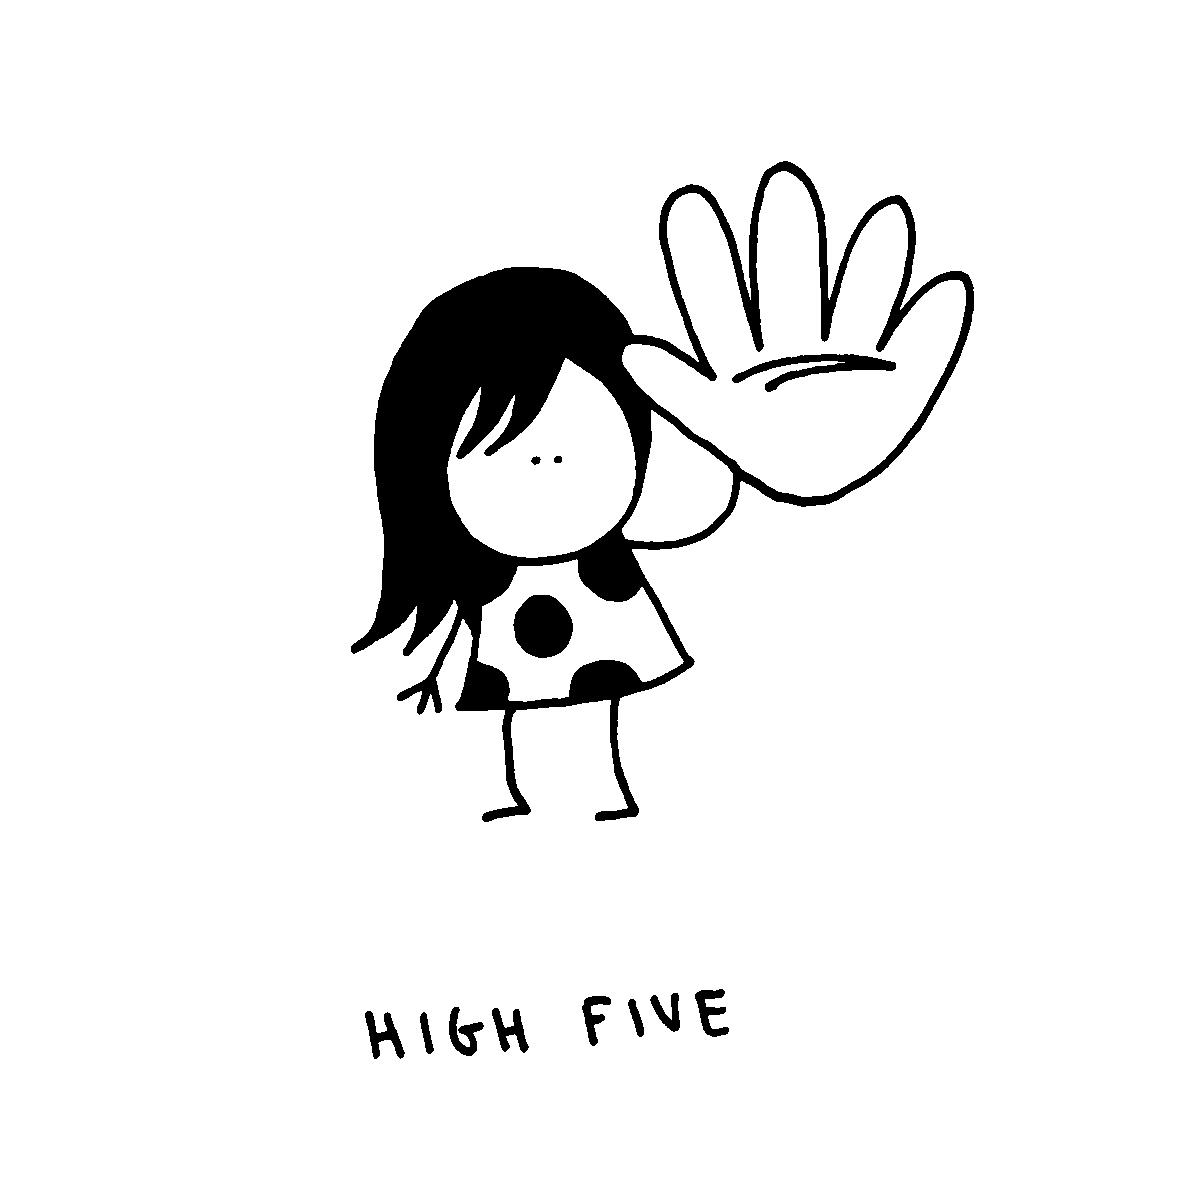 37-highfive.jpg